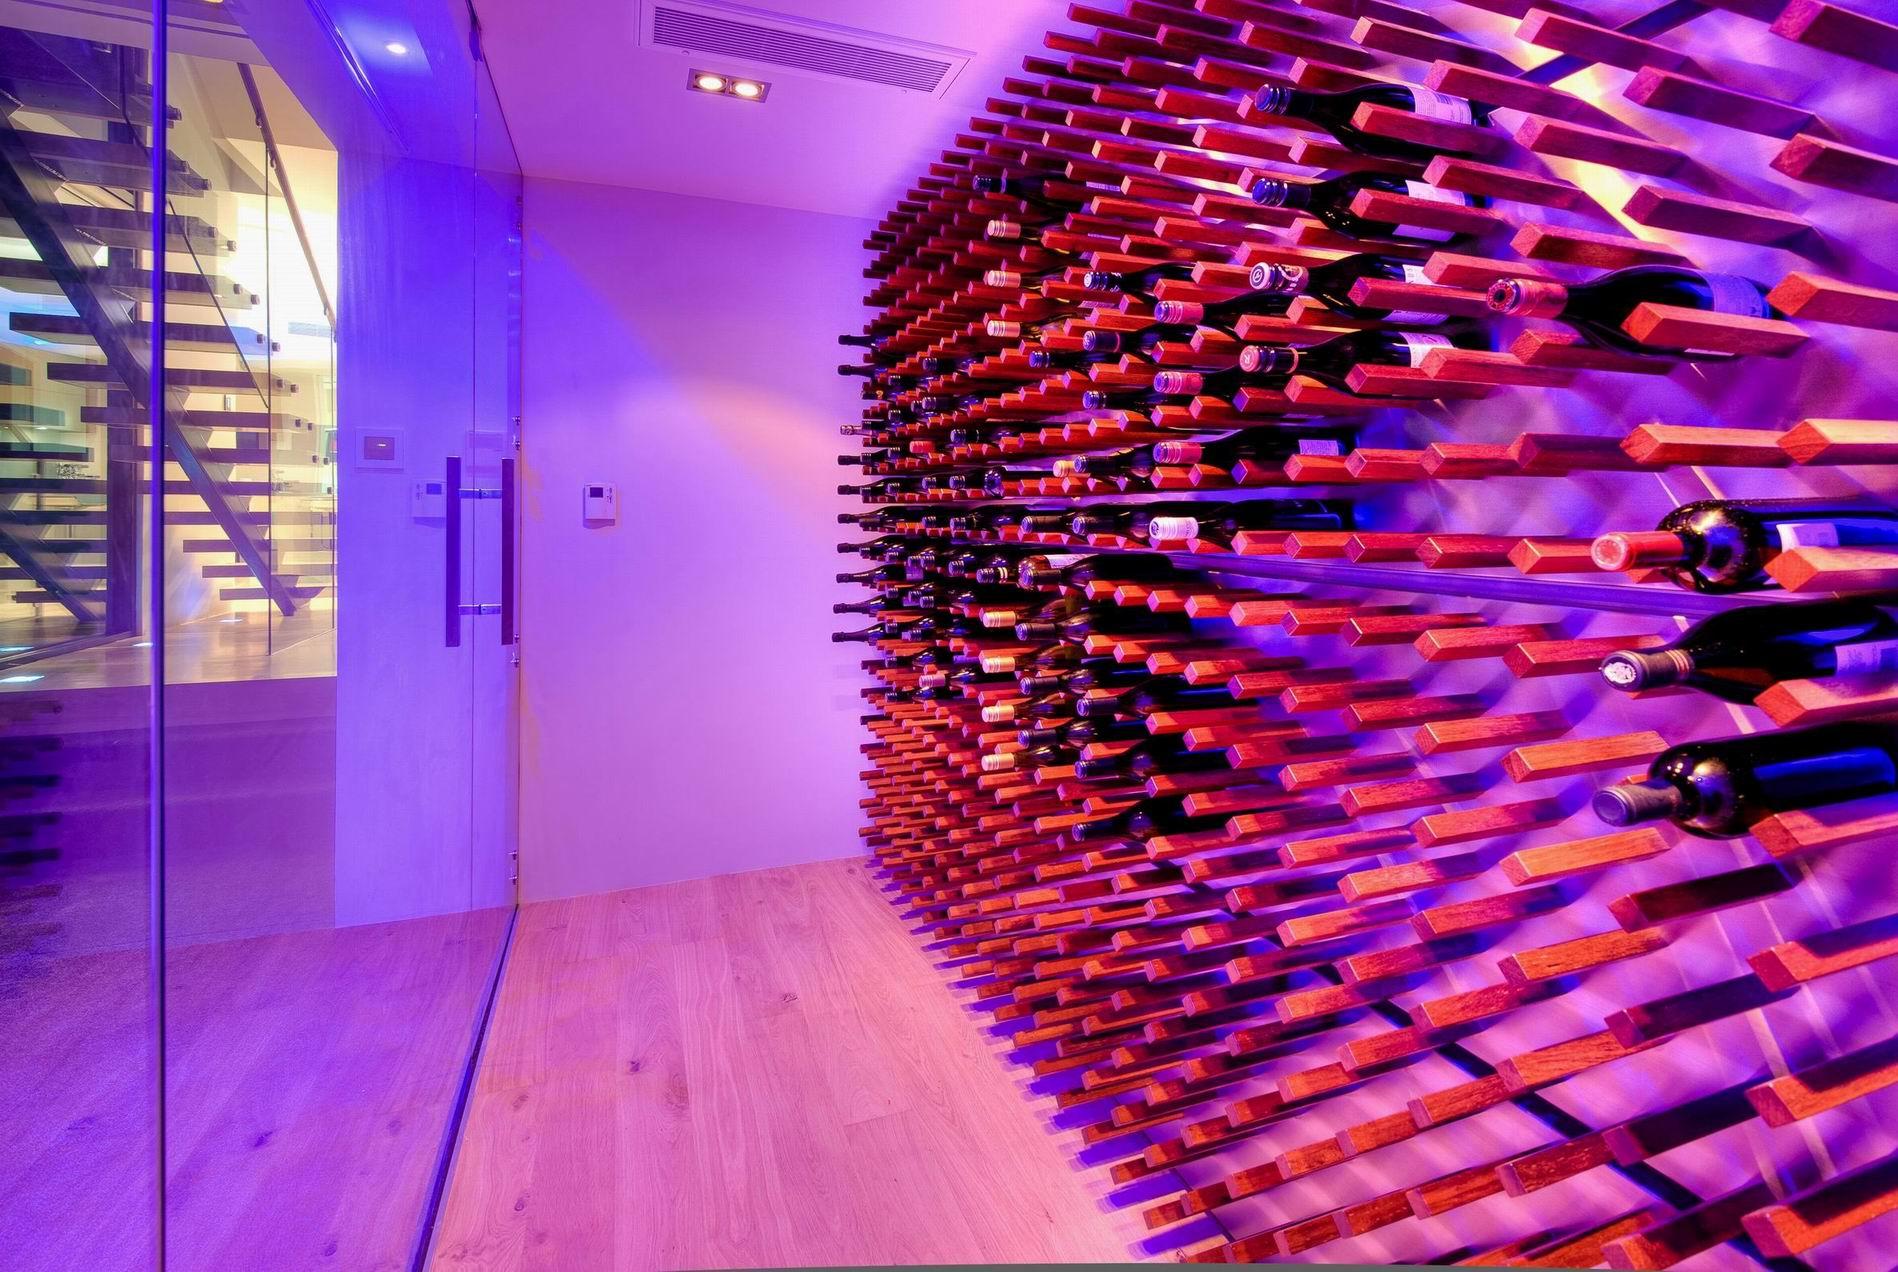 Vanaalst house_int winery_5 of 6.jpg